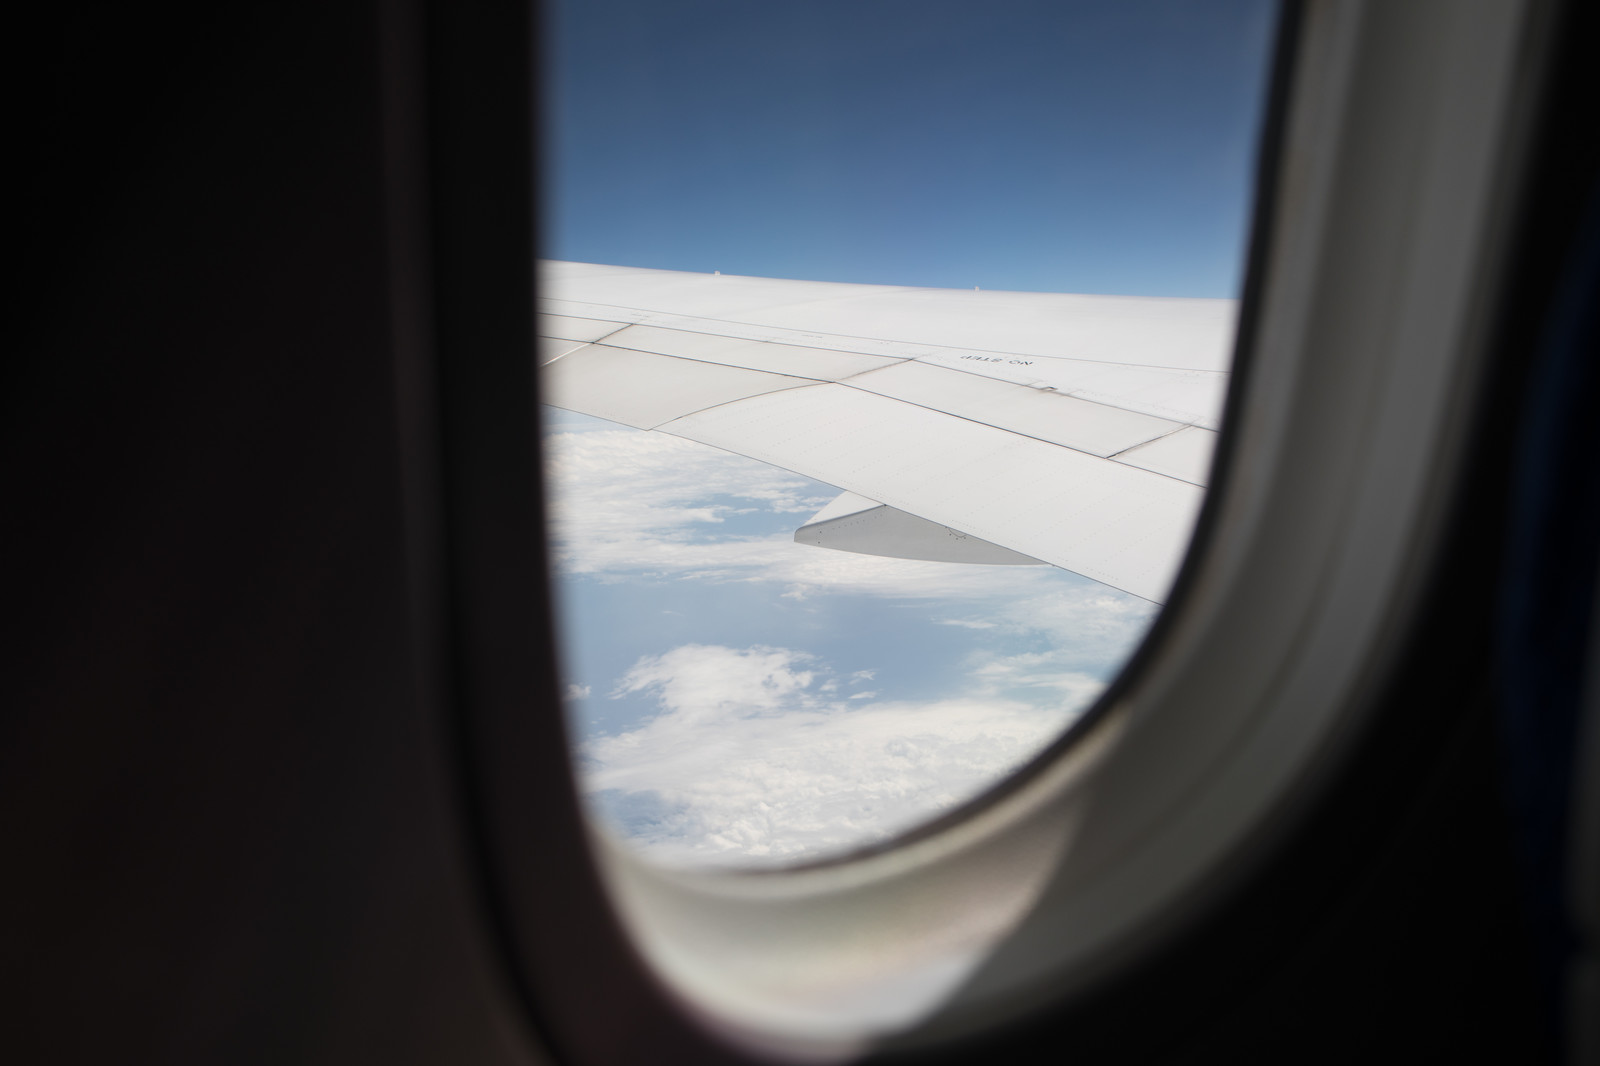 「飛行機の窓から見える空の景色」の写真